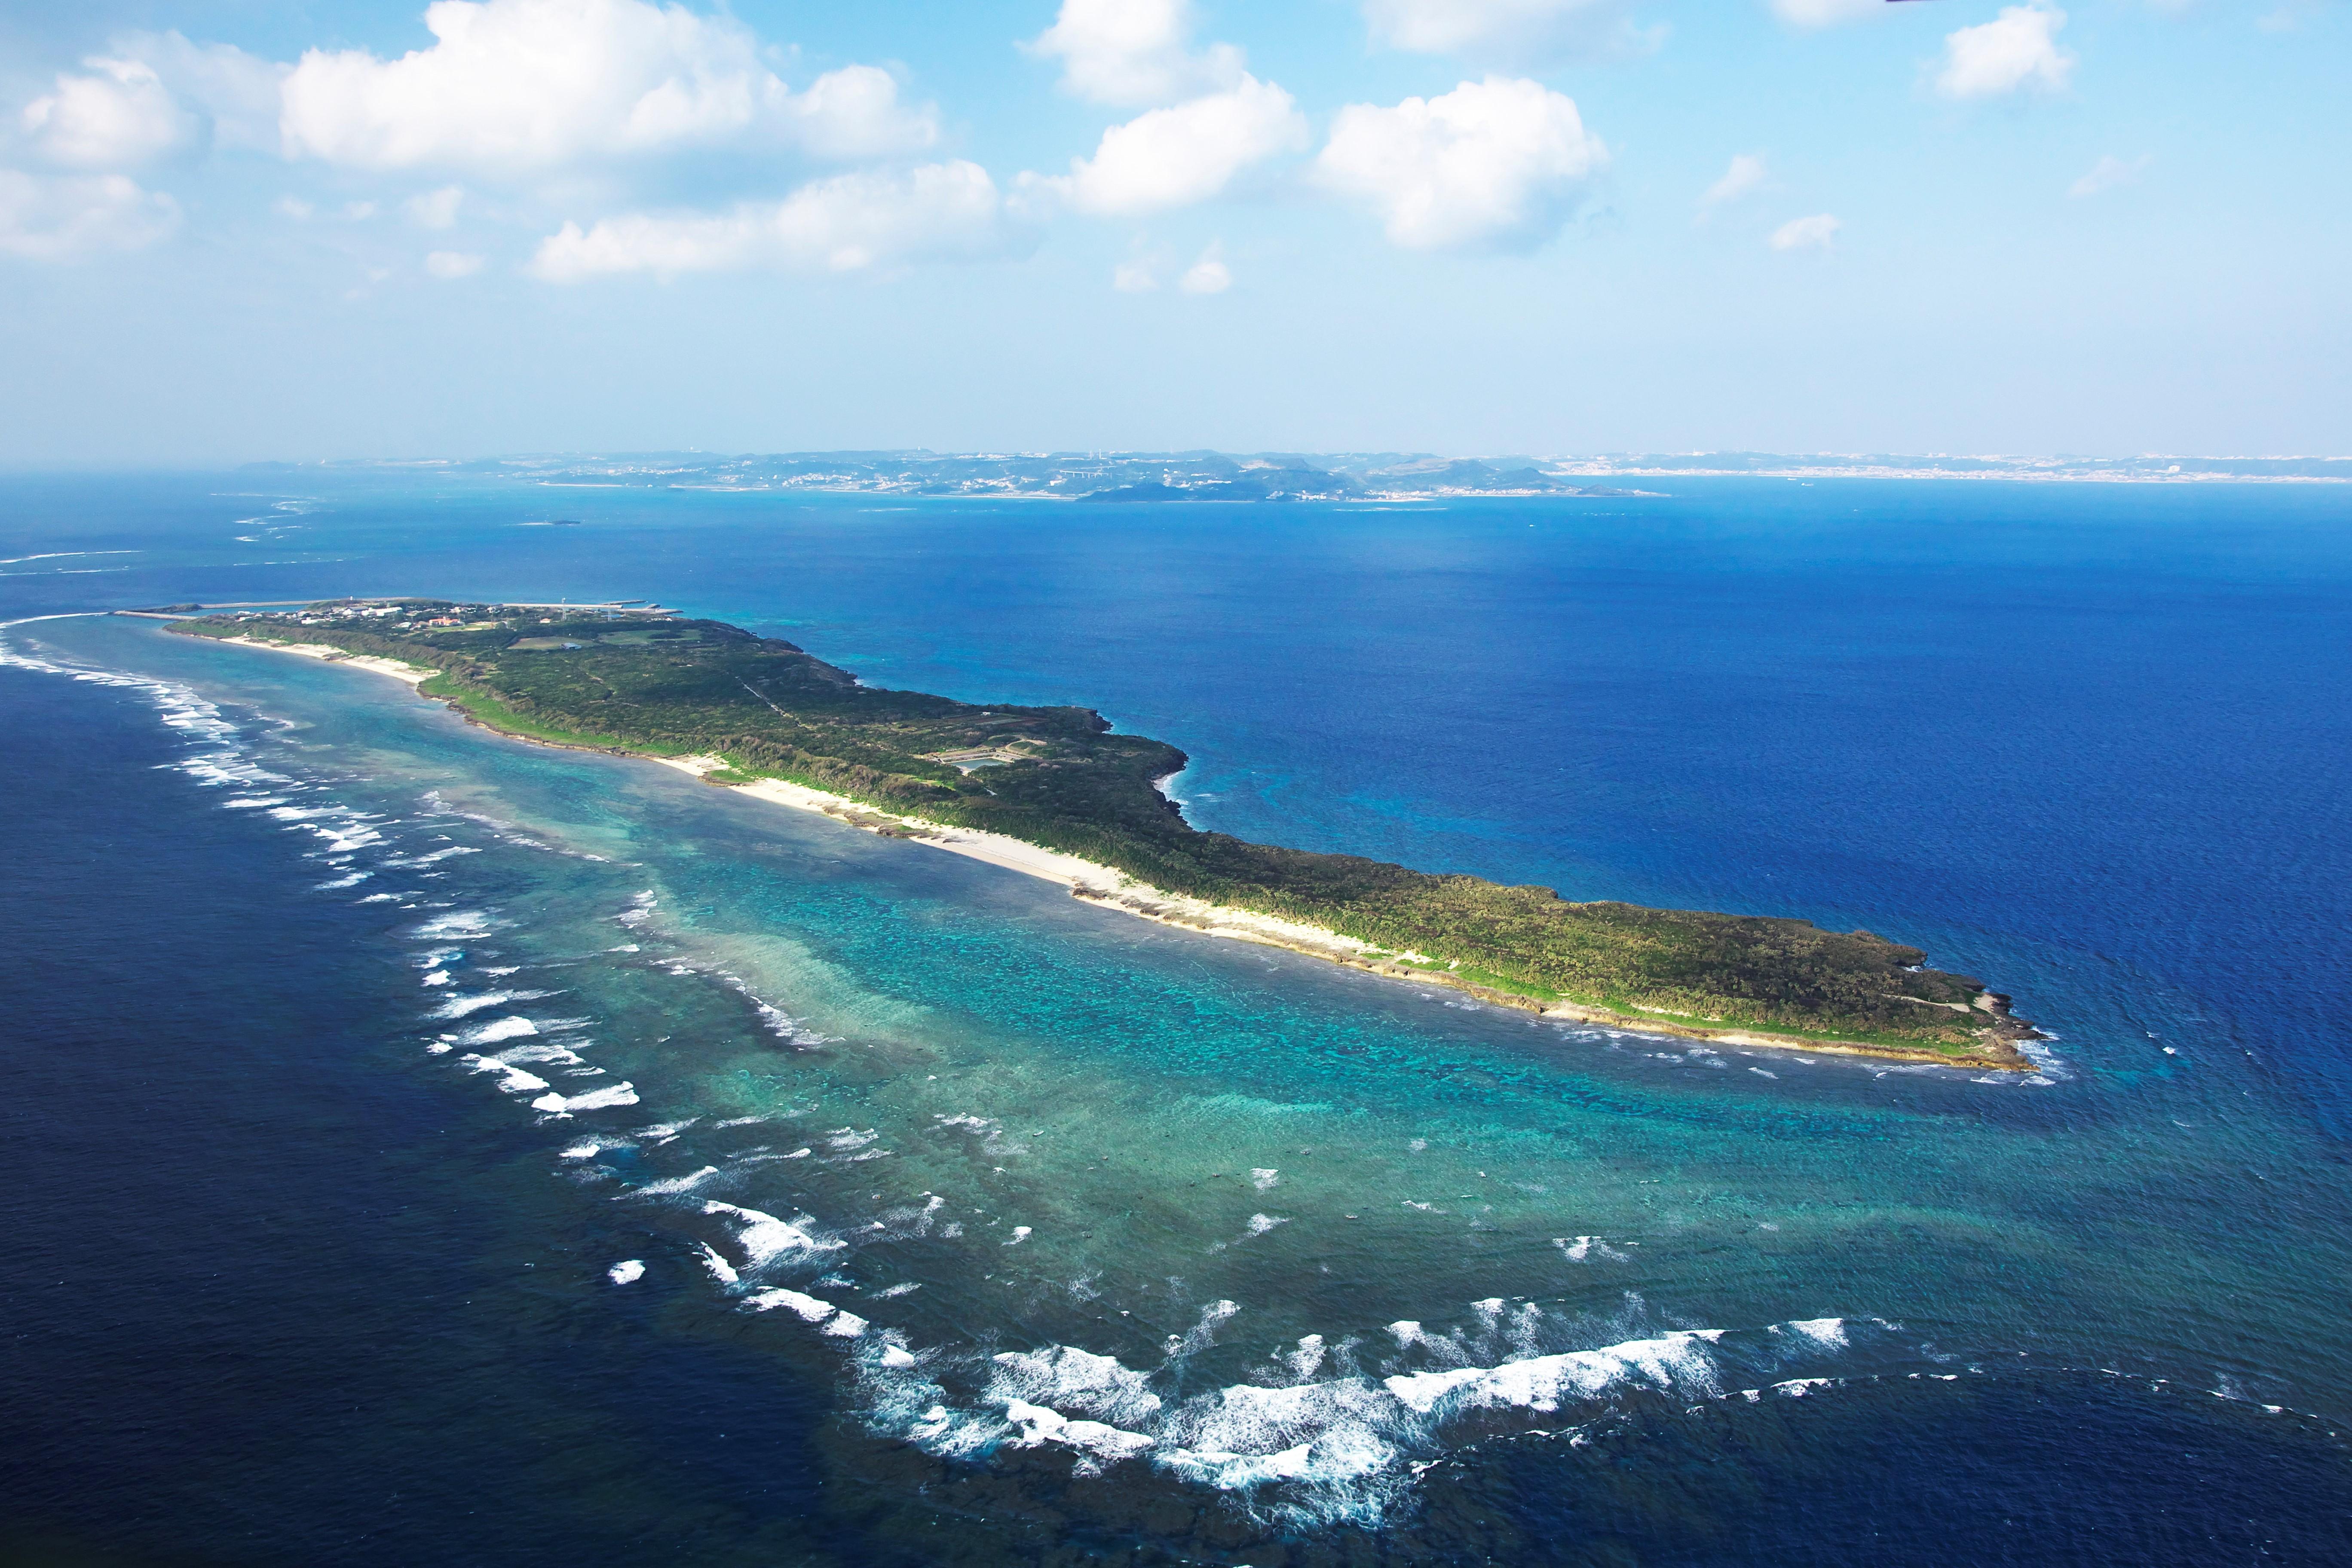 神の島「久高島」をレンタサイクルで一周してみた!